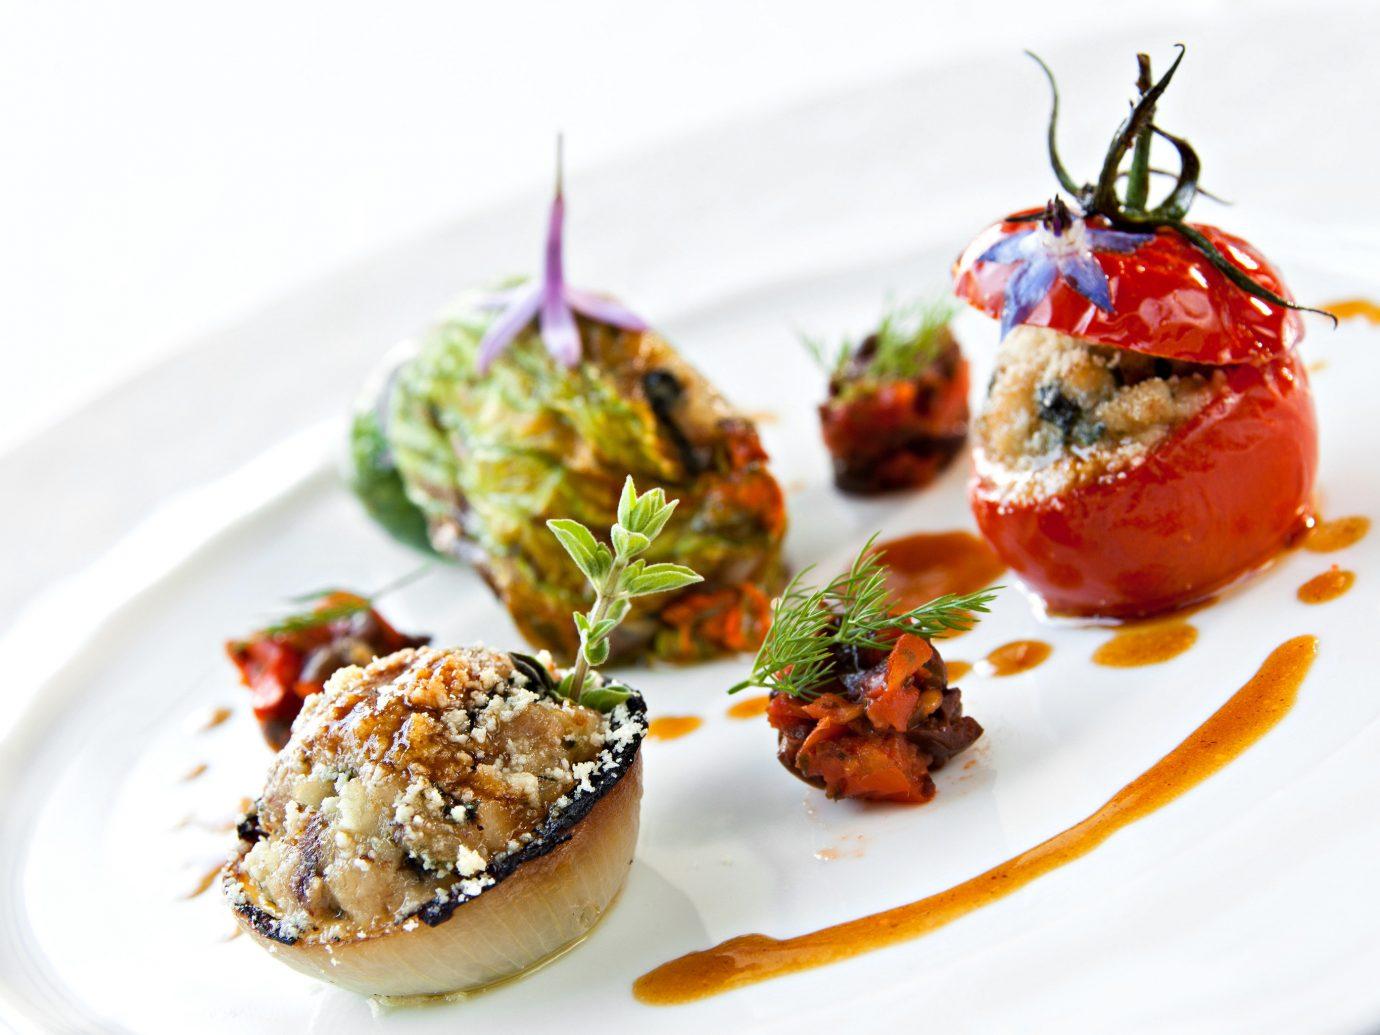 Trip Ideas plate food dish piece produce cuisine hors d oeuvre land plant white vegetable meat slice flowering plant dessert arranged piece de resistance